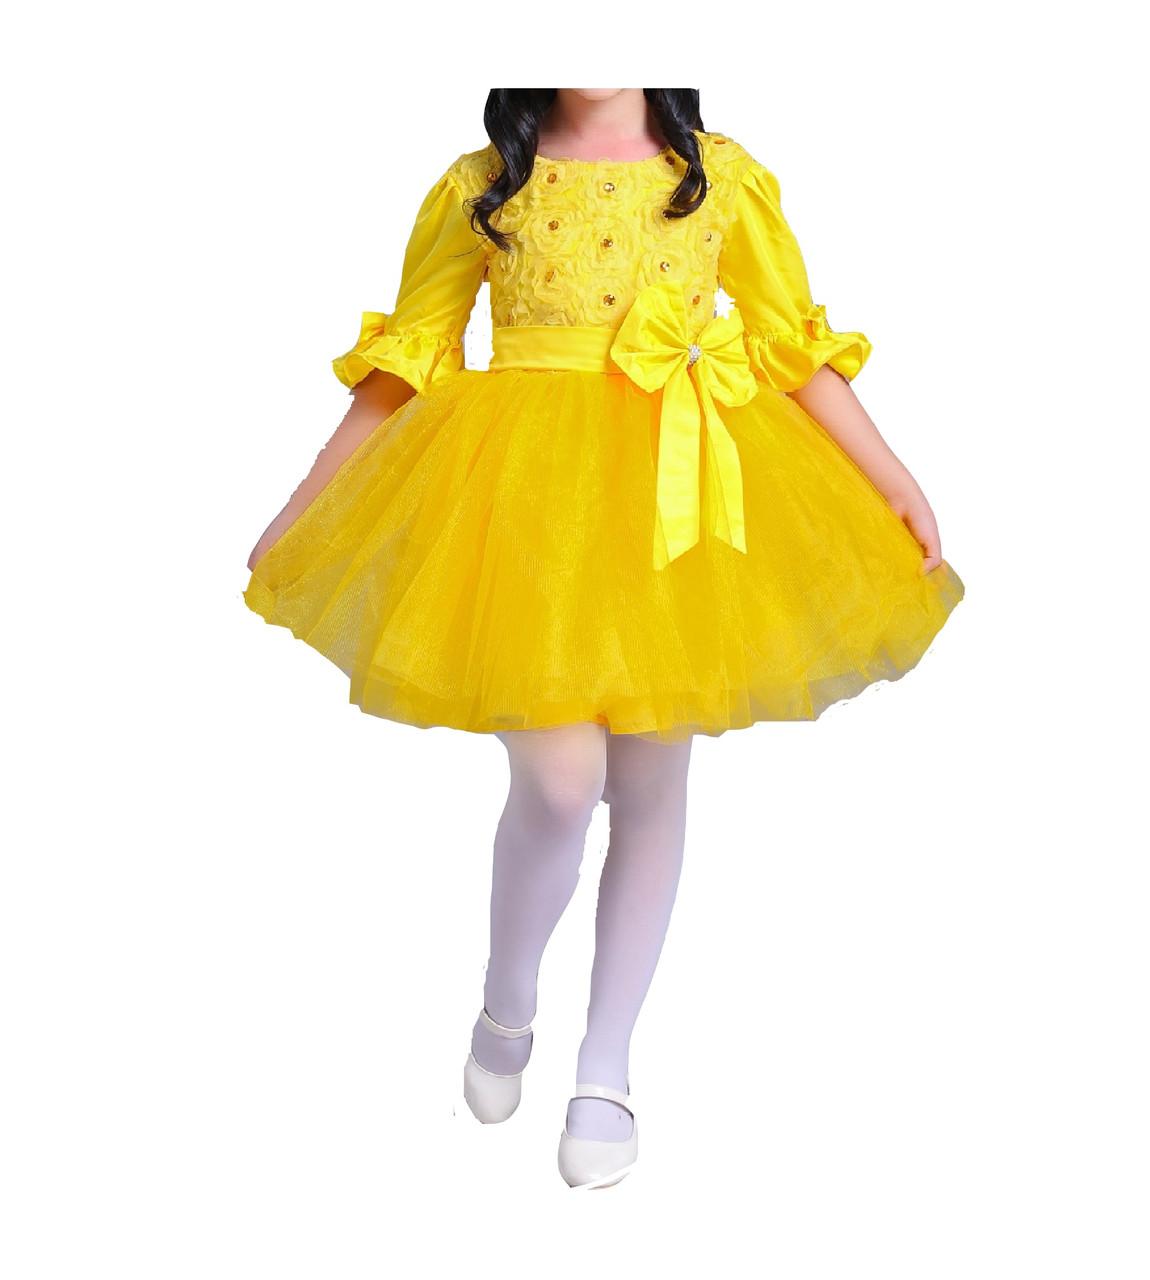 cb60f16c538 Детское нарядное платье желтое на 6 лет - Интернет магазин